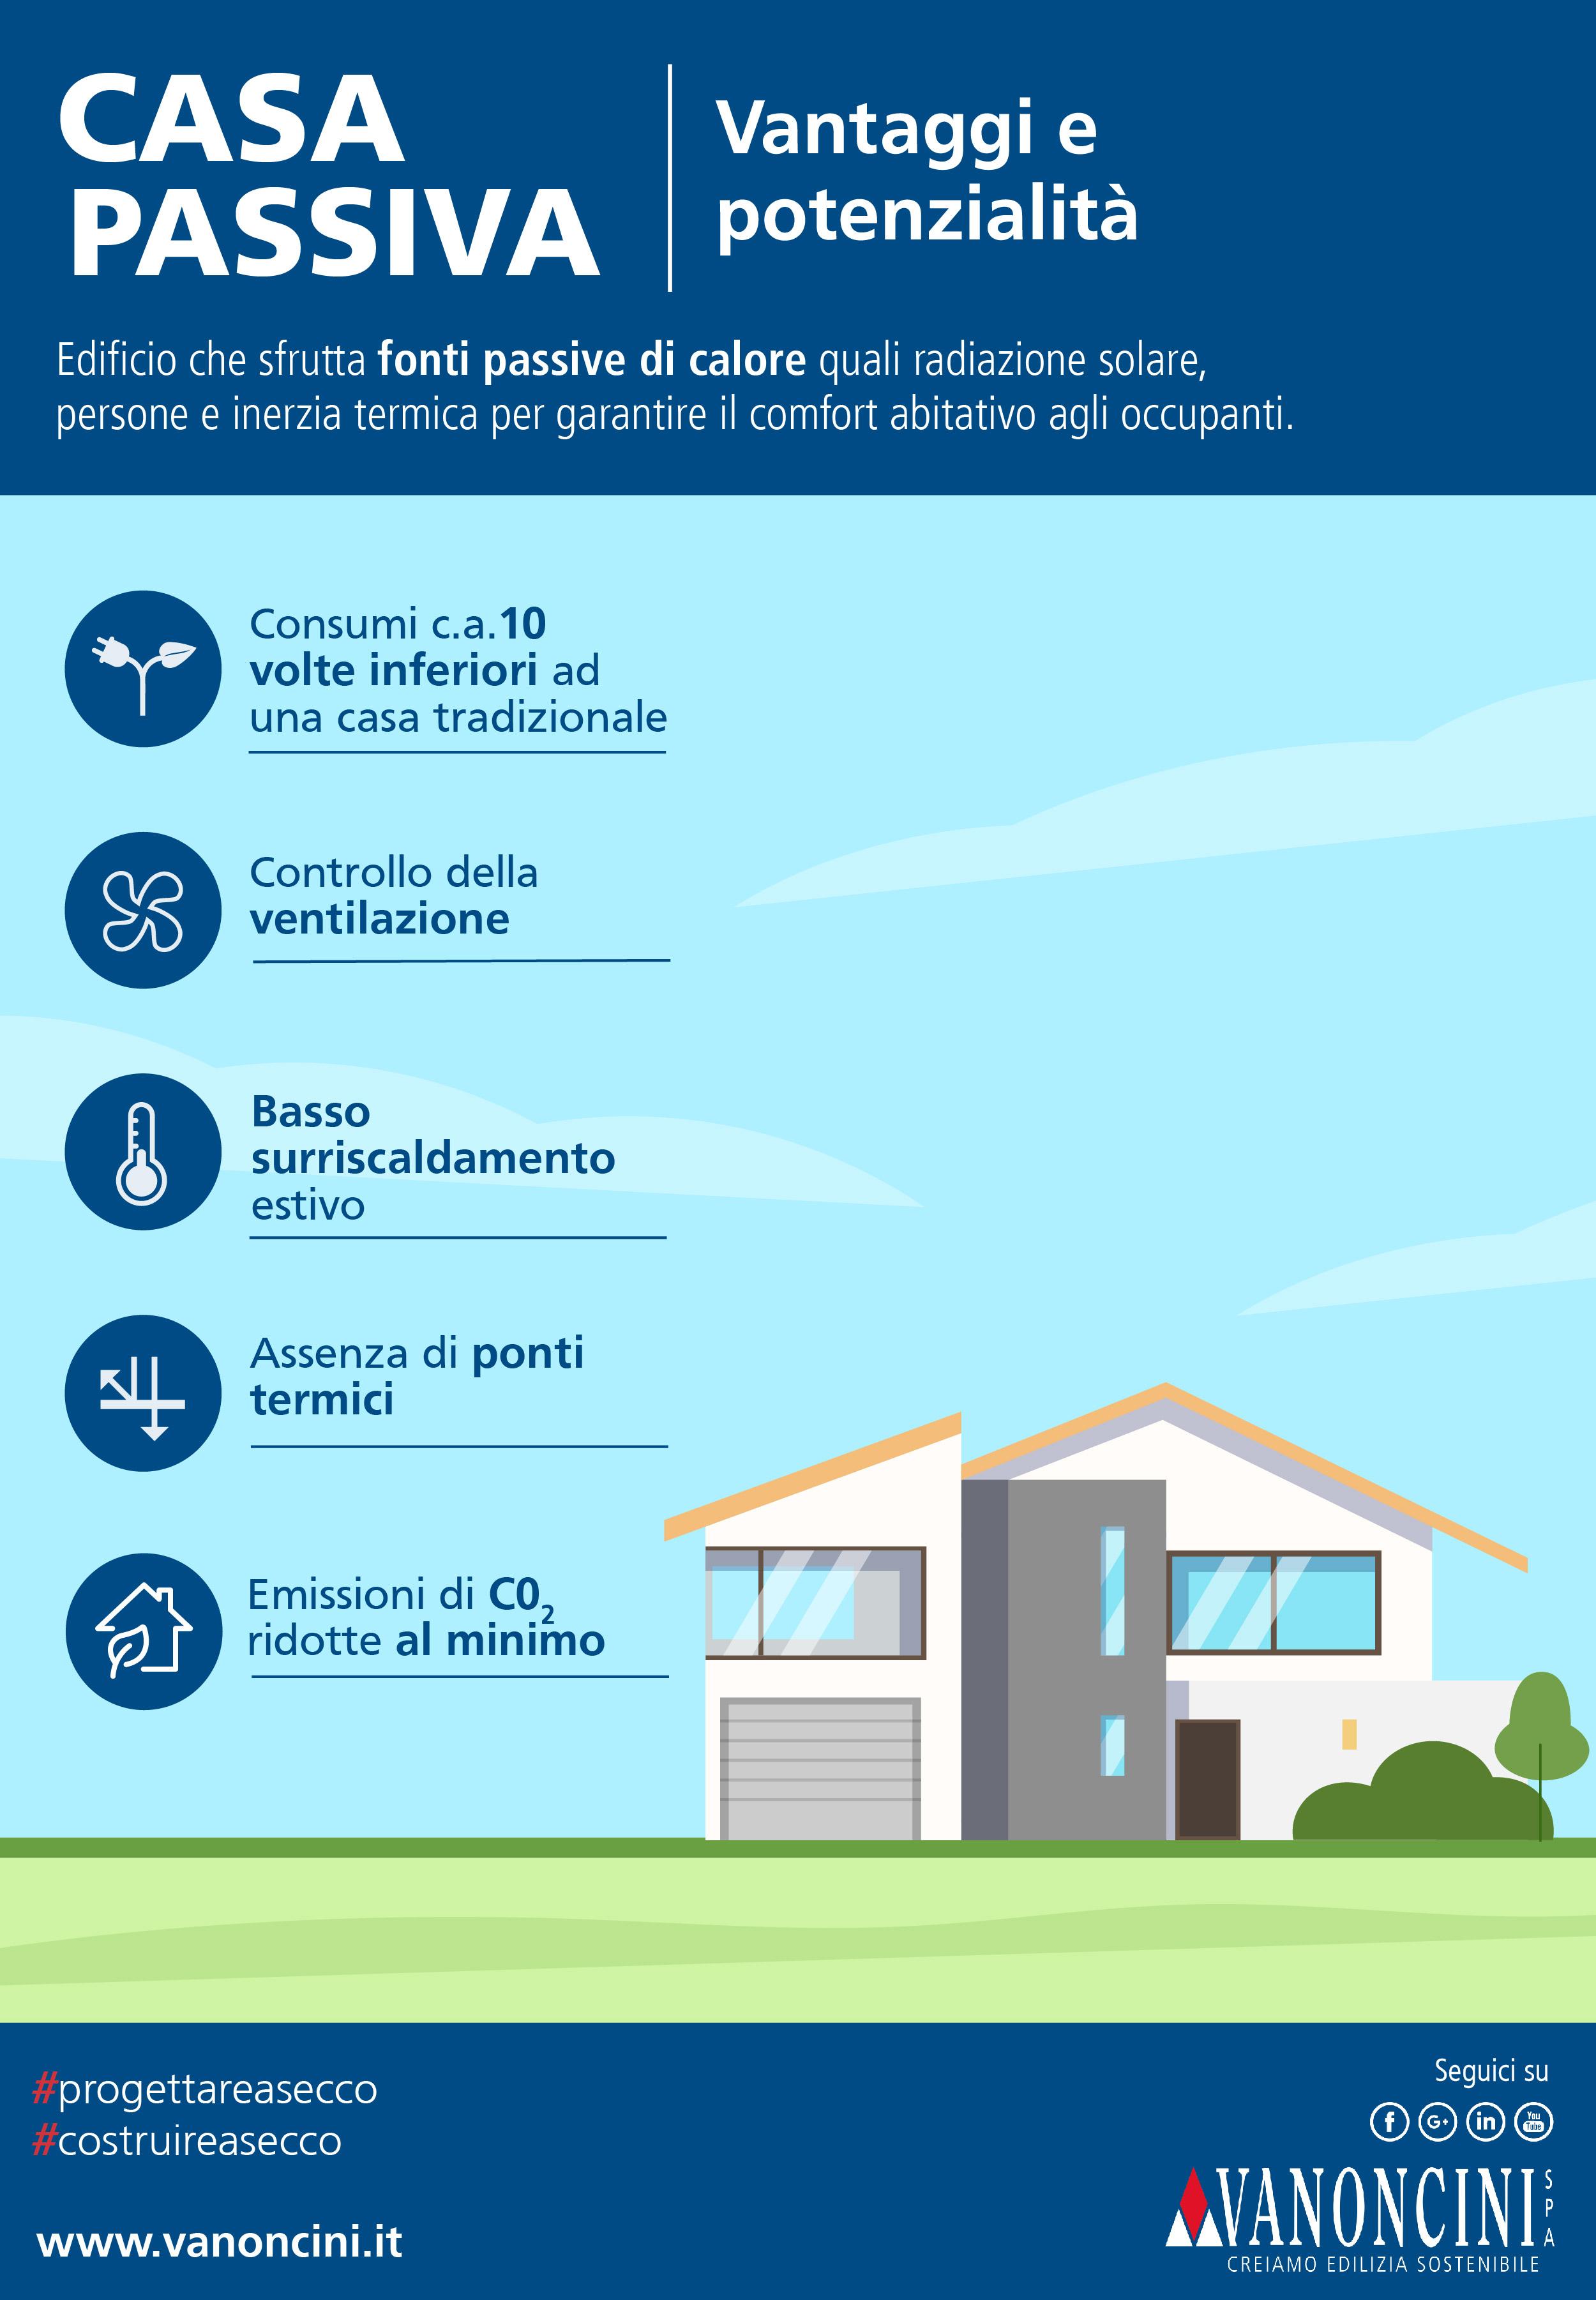 casa passiva infografica vanoncini